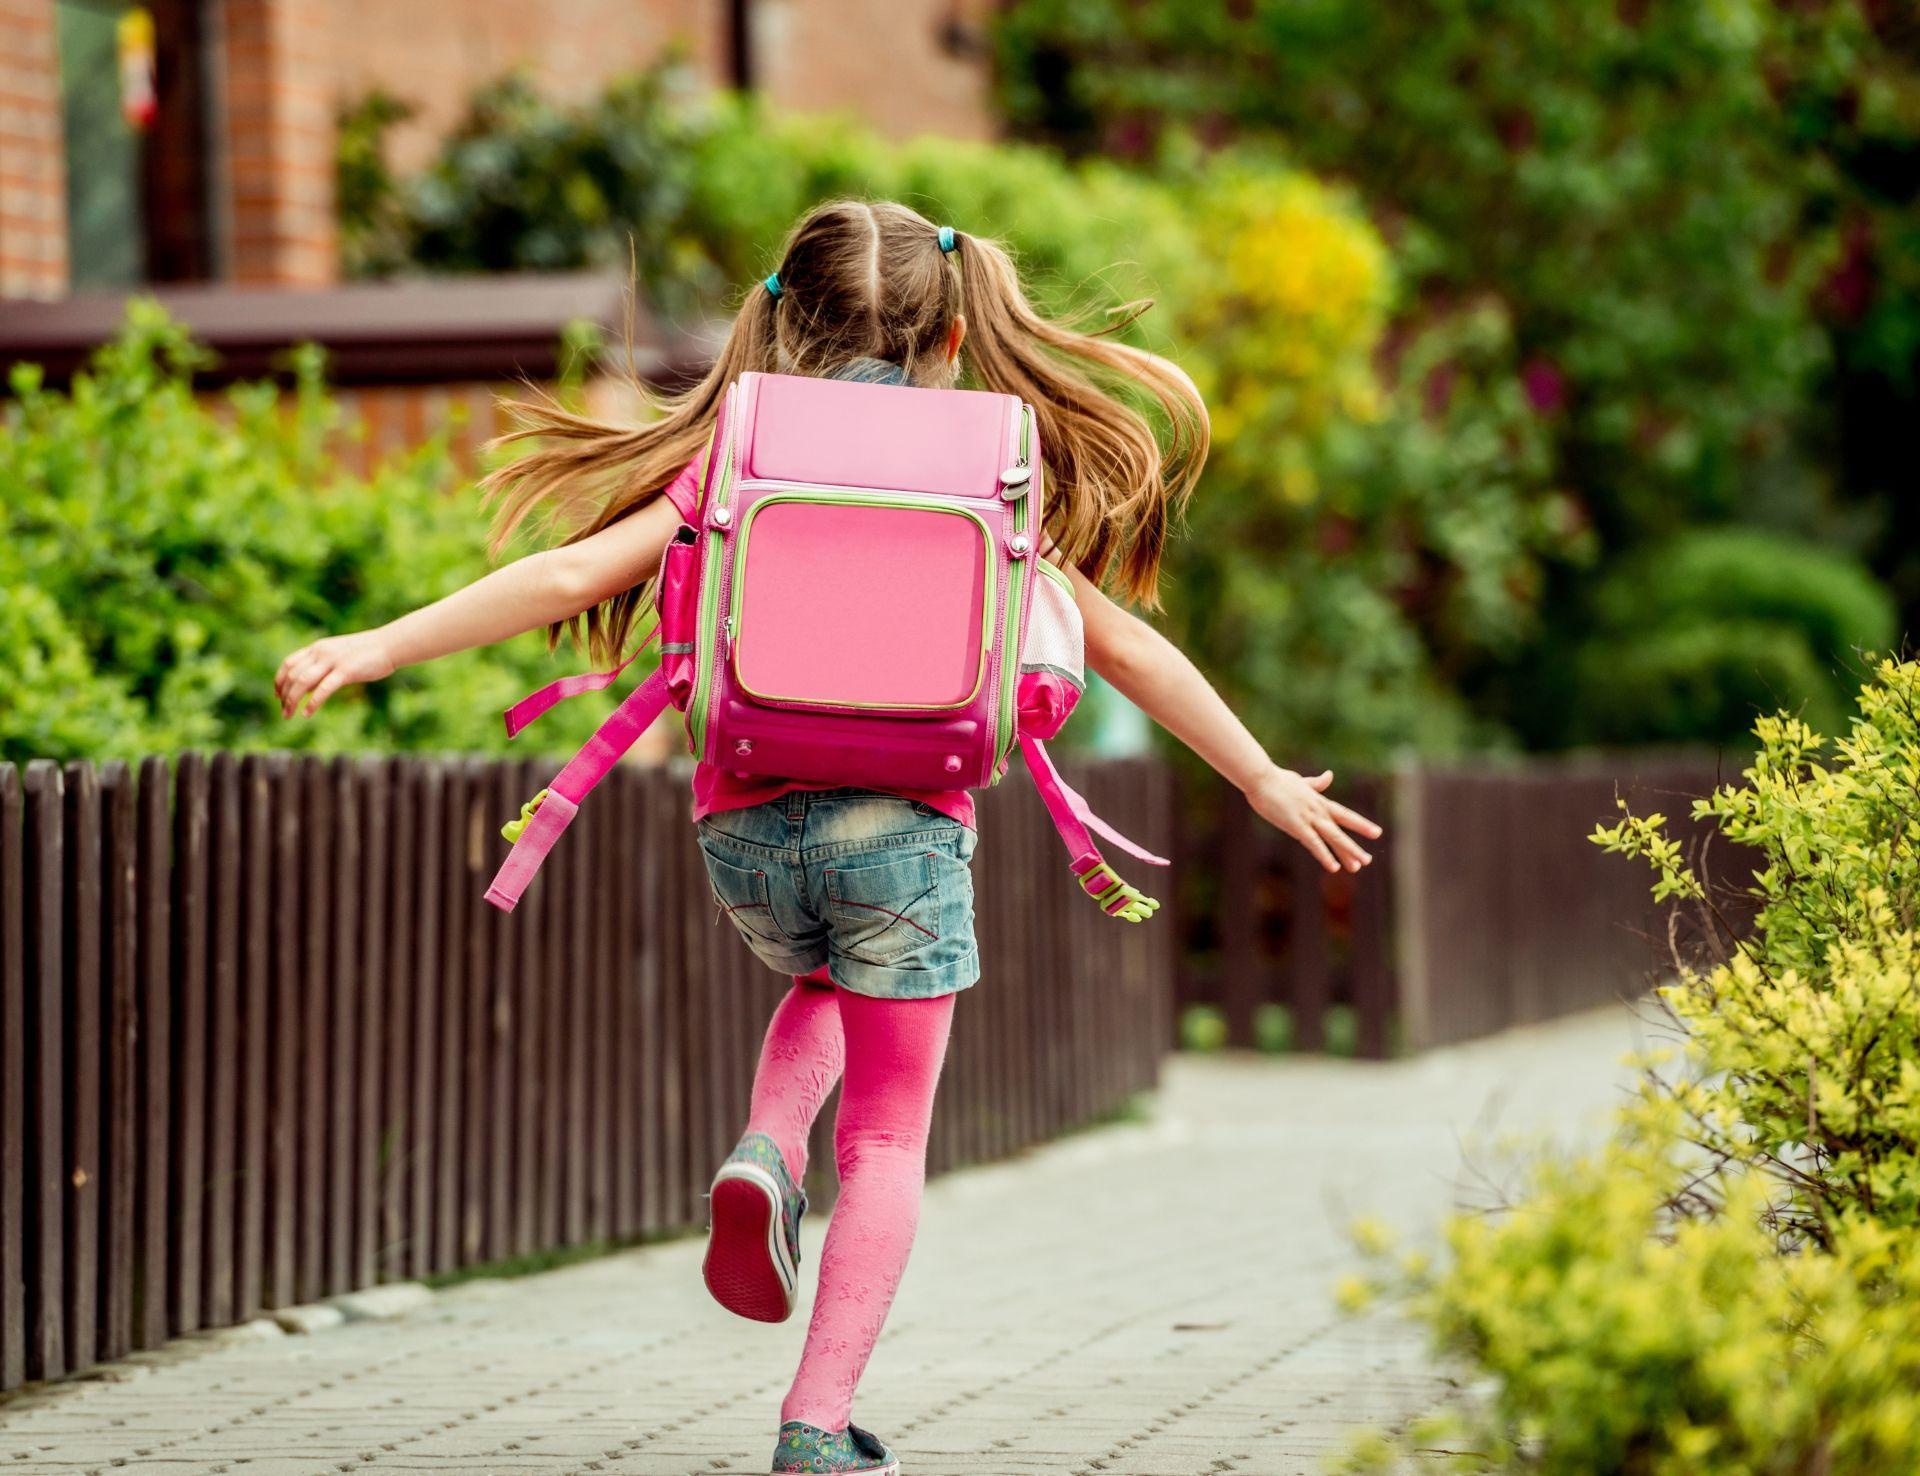 Вызывает ли ношение рюкзака боль в спине у ребенка